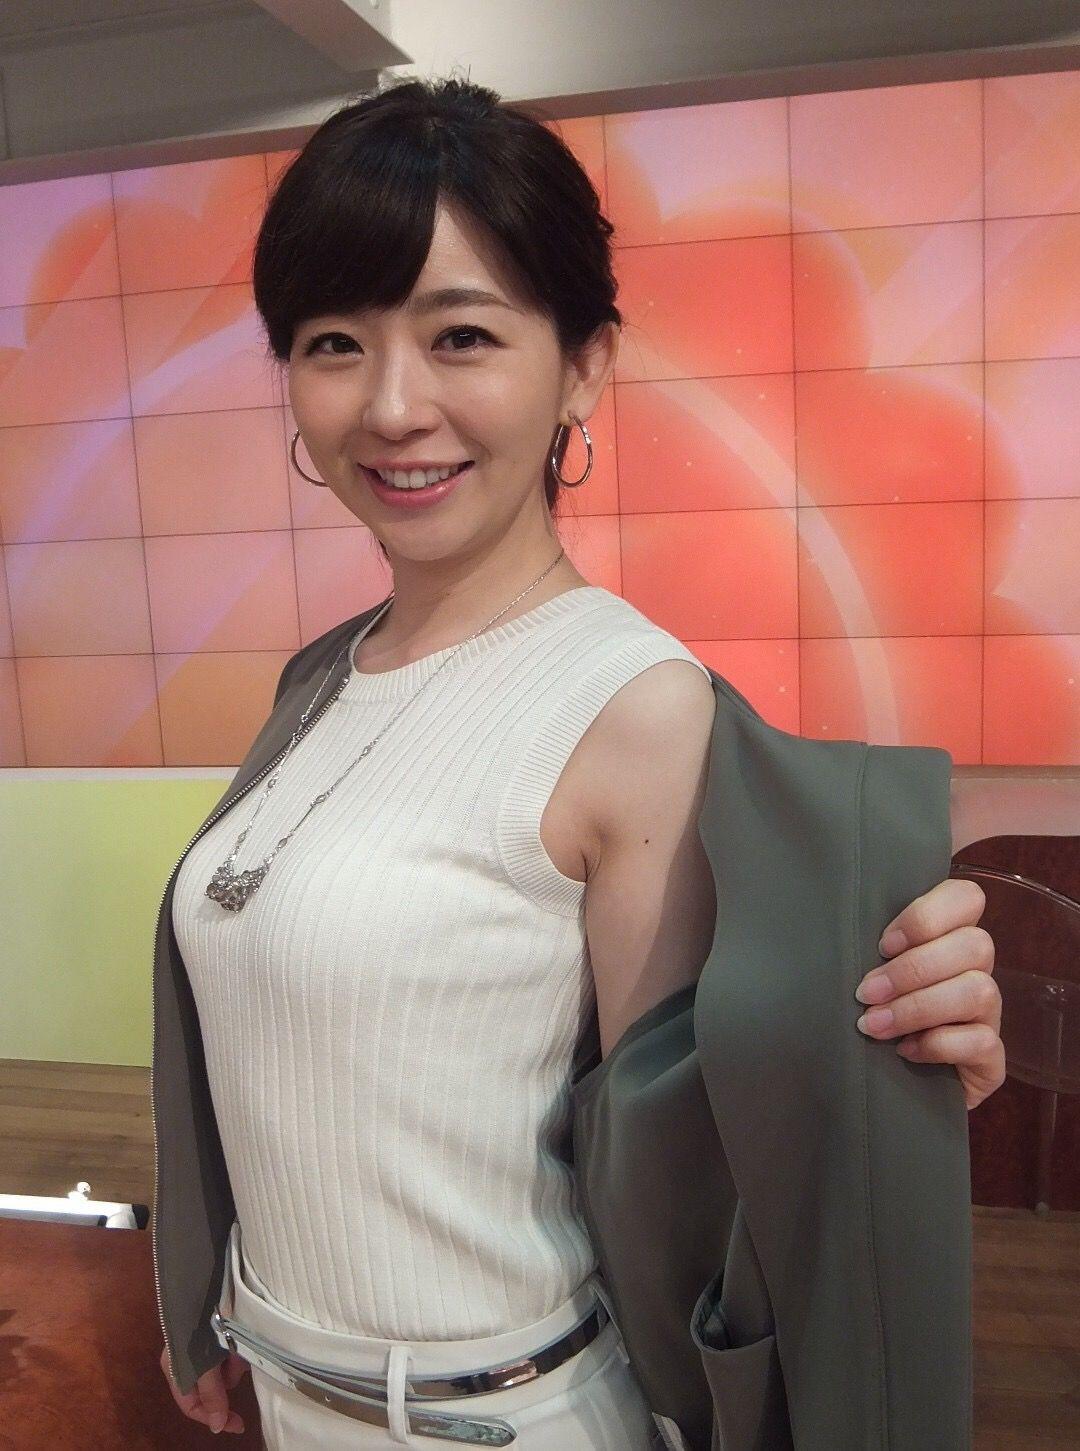 松尾由美子 厚化粧おばさん 脇見せつけおばさん テレ朝アナ ホクロに関連した画像-02